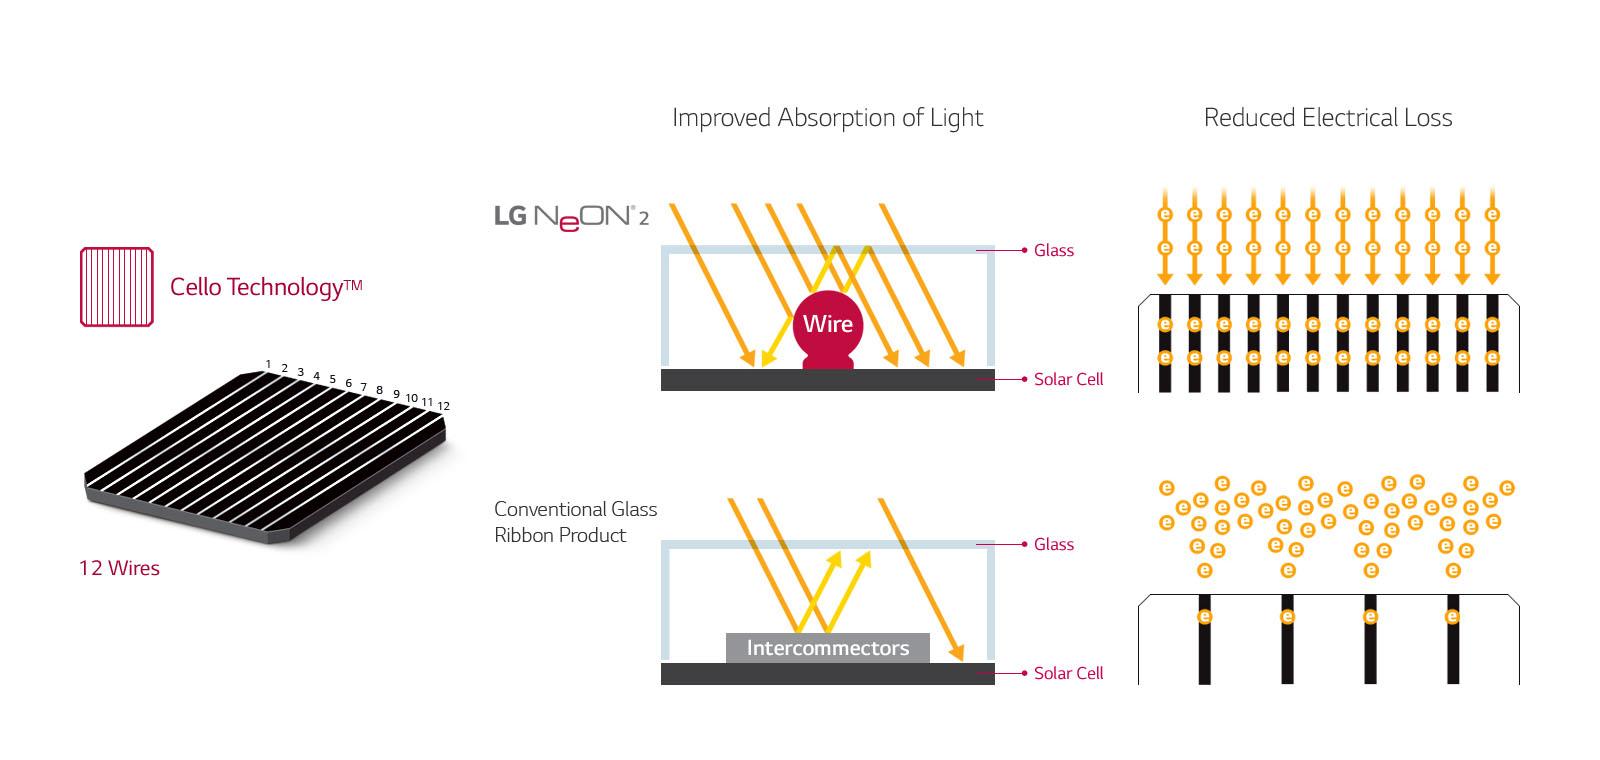 NISU pin mặt trời LG Neon2 400w công nghệ Cello